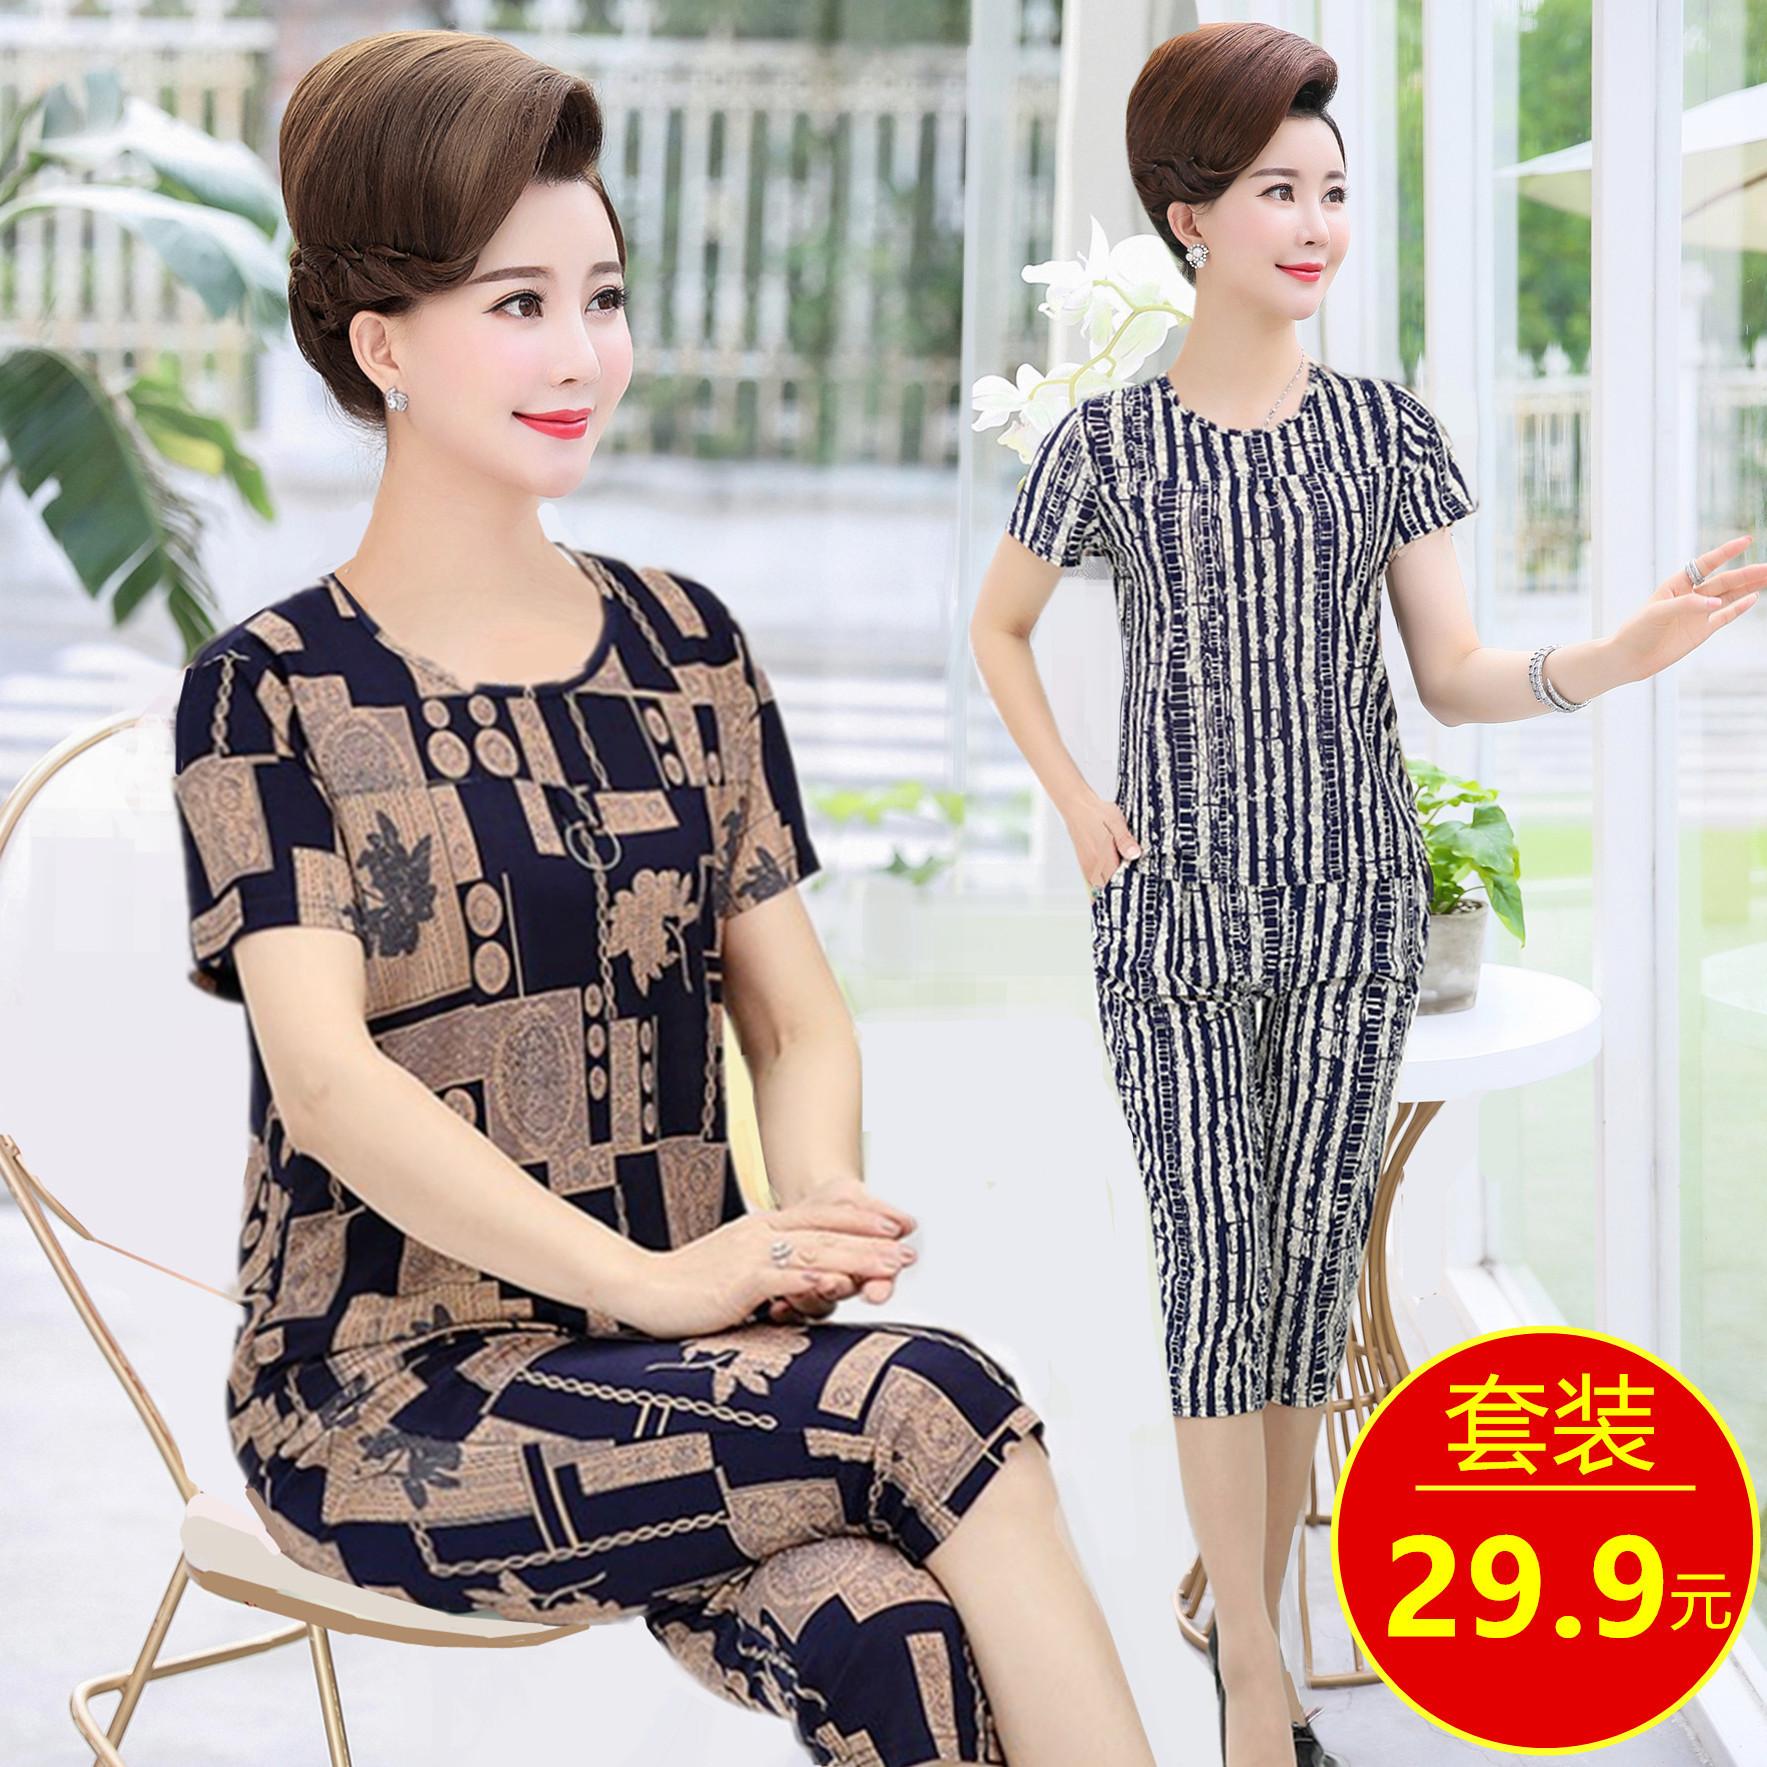 Mới 40-50 tuổi mùa hè băng lụa t- shirt hàng đầu trung niên phụ nữ hai mảnh mẹ mùa hè ngắn tay phù hợp với